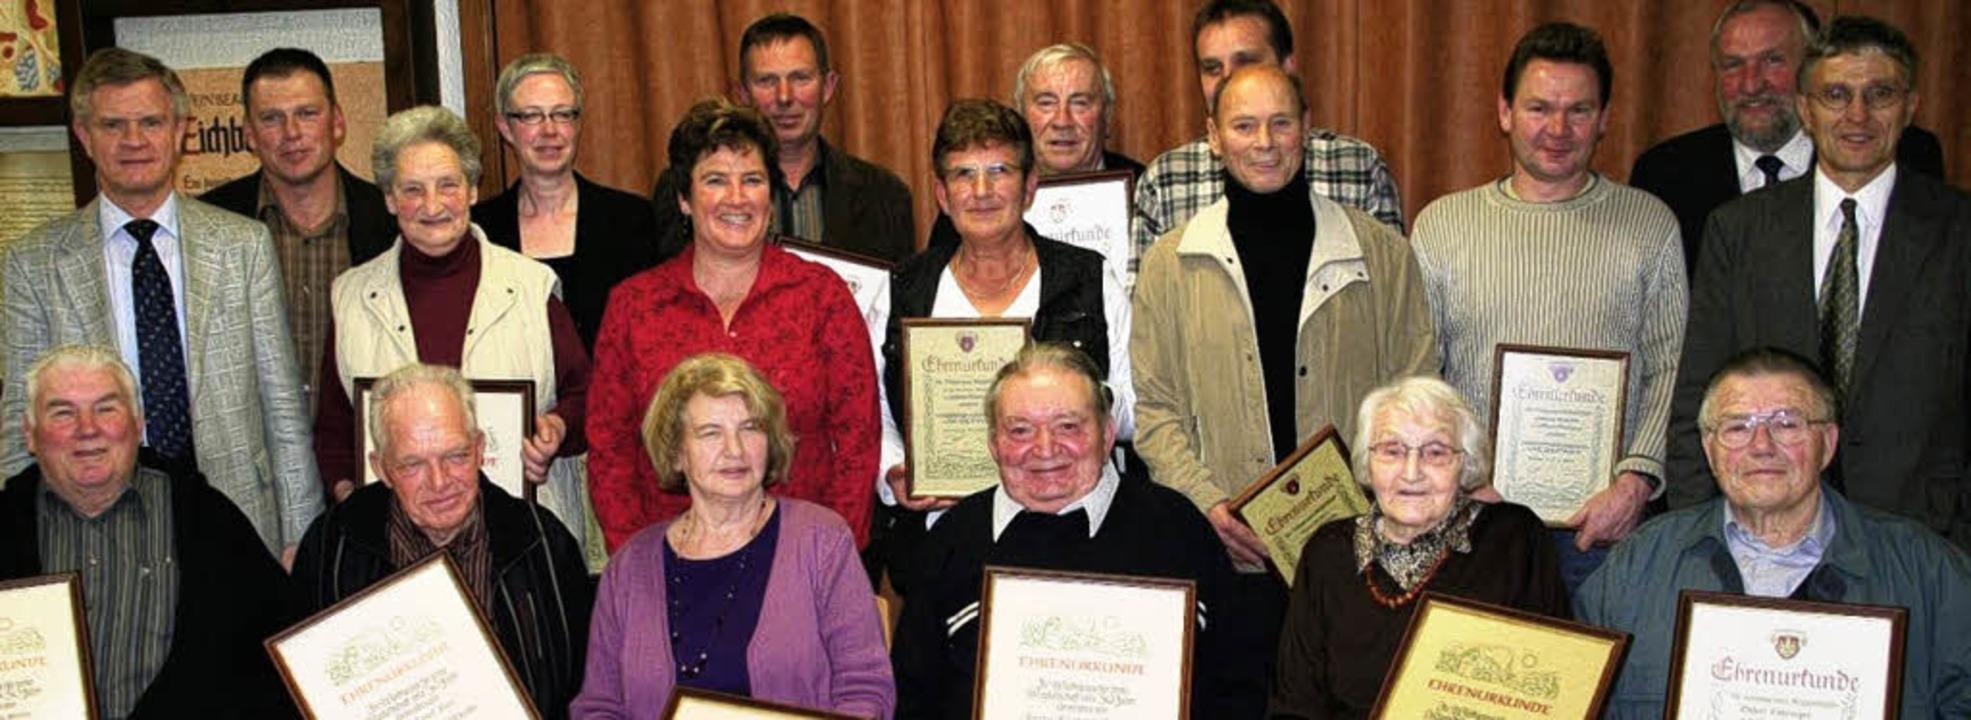 <Bildtext>Die WG  Oberrotweil ehrte  zahlreiche treue  Mitglieder.</Bildtext>  | Foto: bianka pscheidl